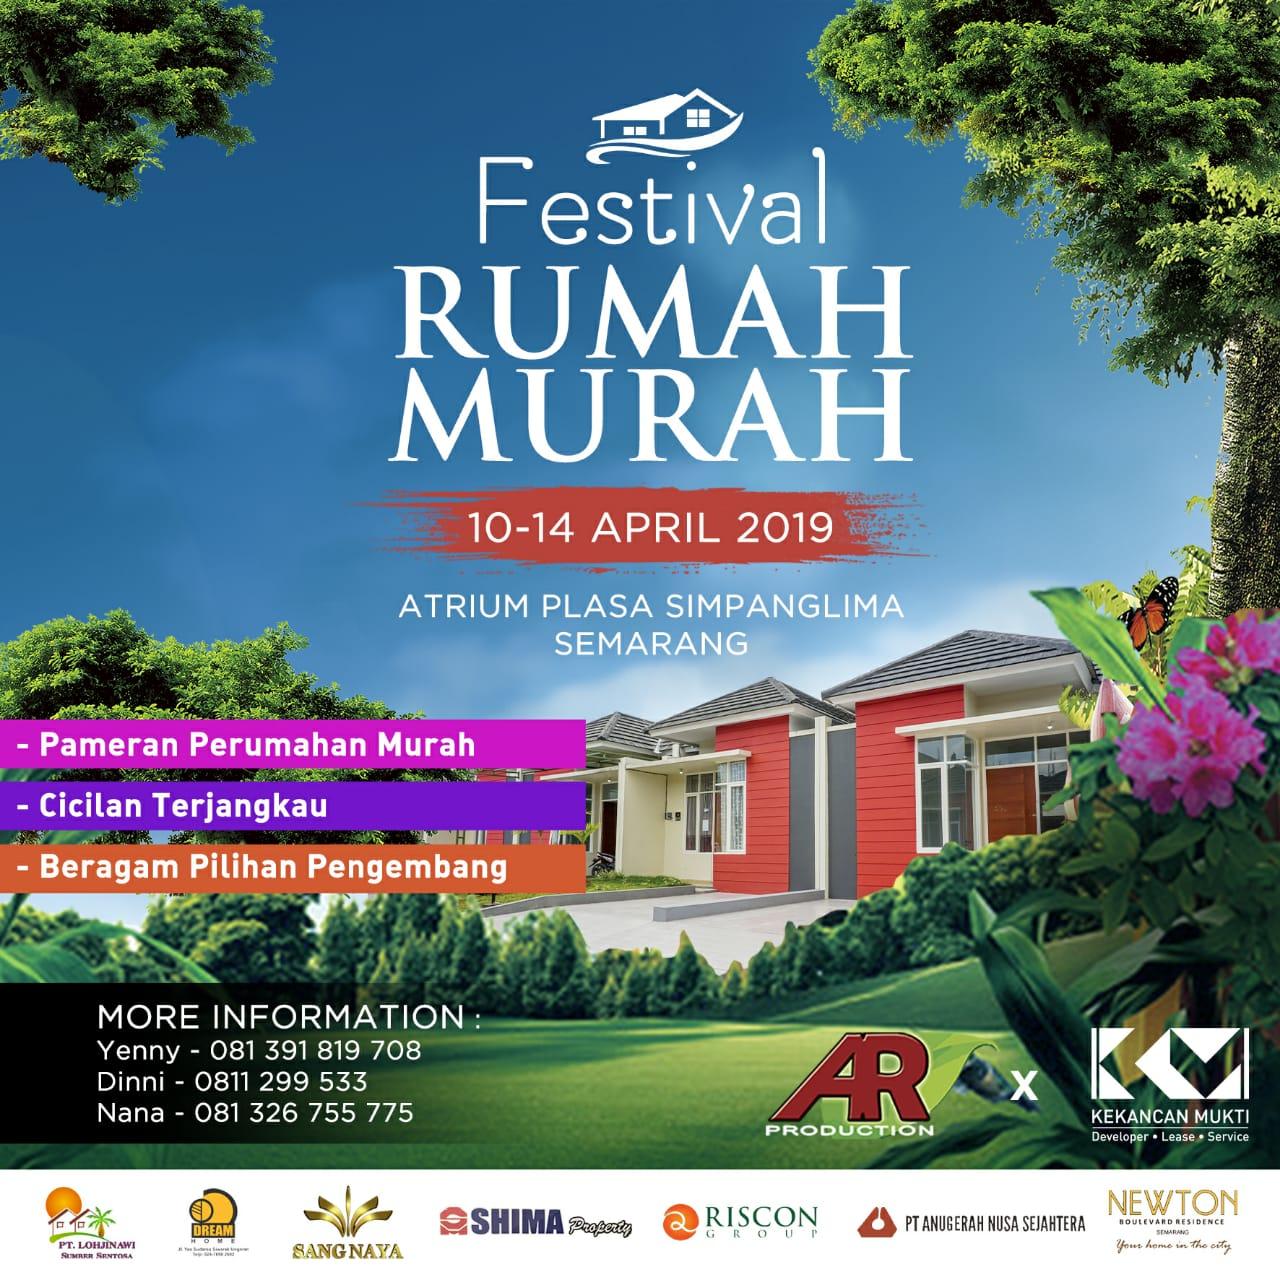 Festival Rumah Murah 10-14 April 2019 Plasa Simpanglima Semarang